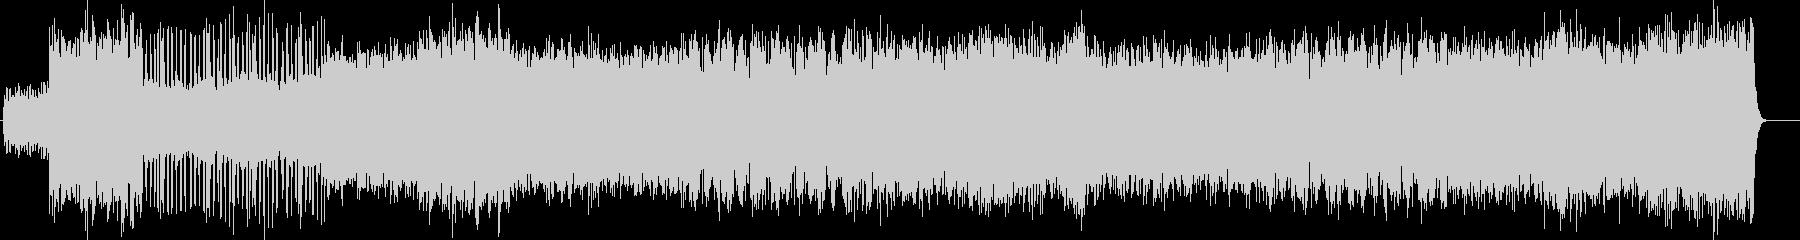 リズミカルなオーケストレーションの未再生の波形